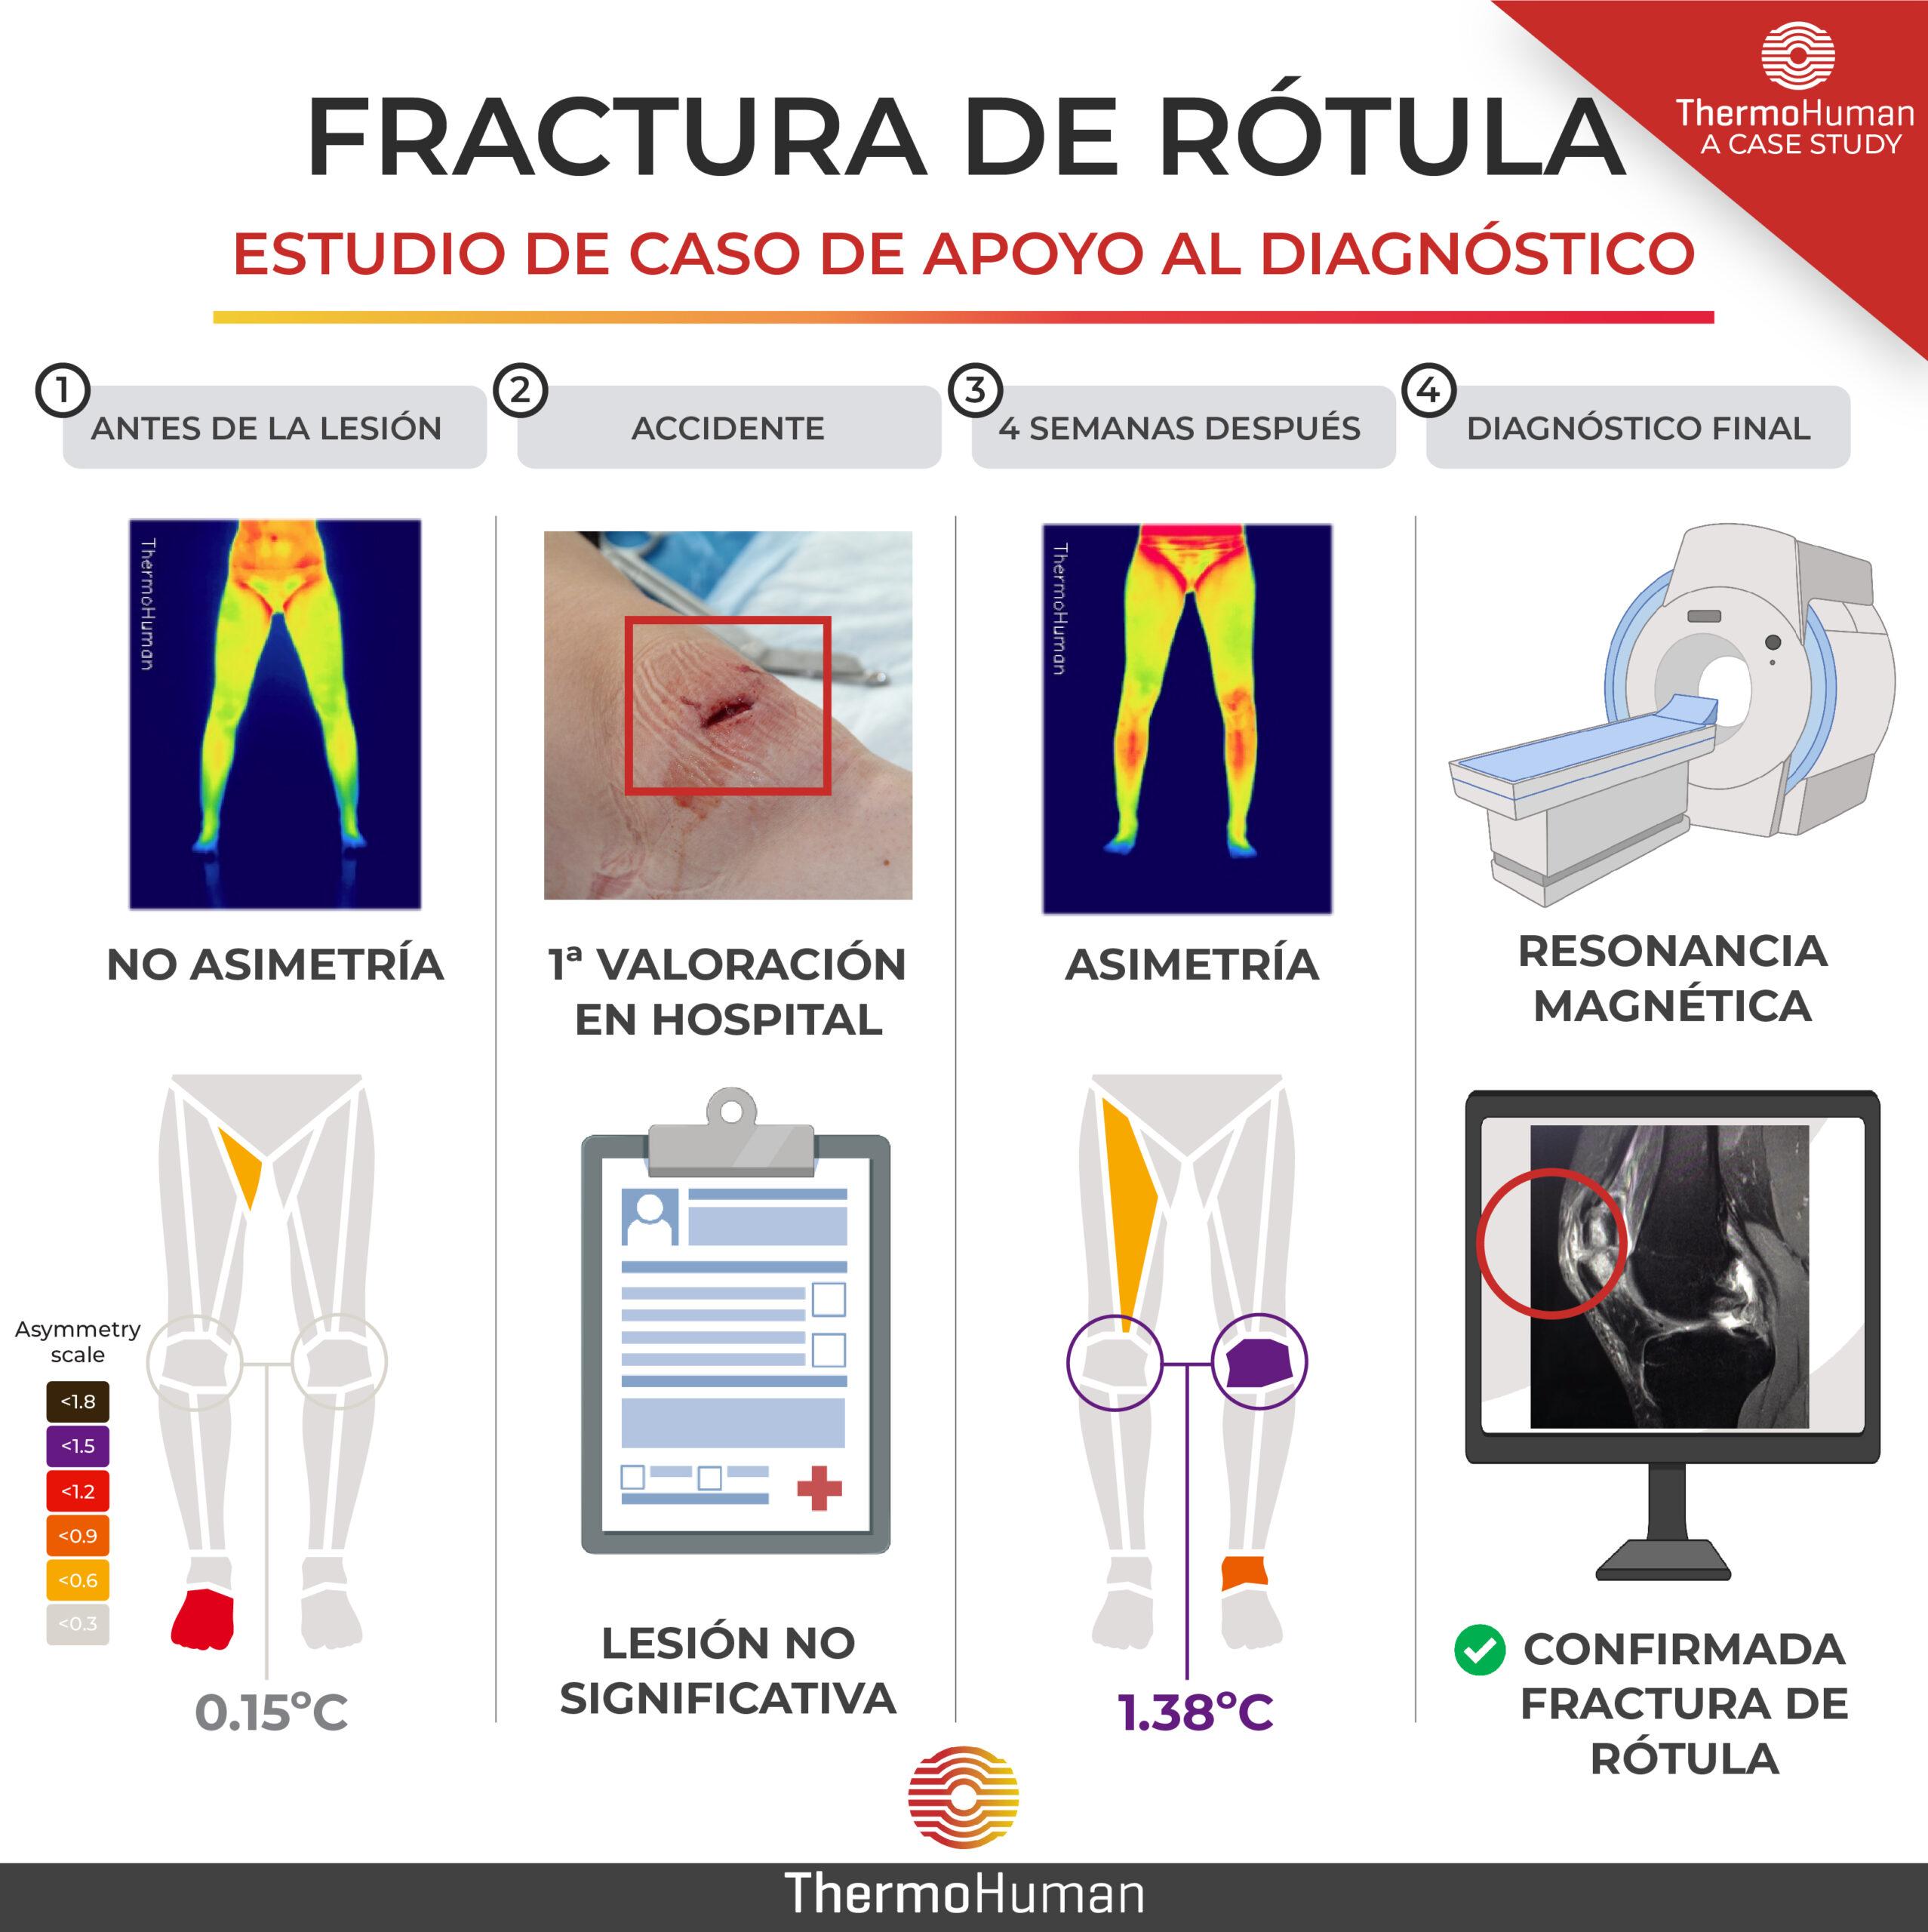 Estudio de caso sobre una fractura de rótula: termografía como ayuda al diagnóstico